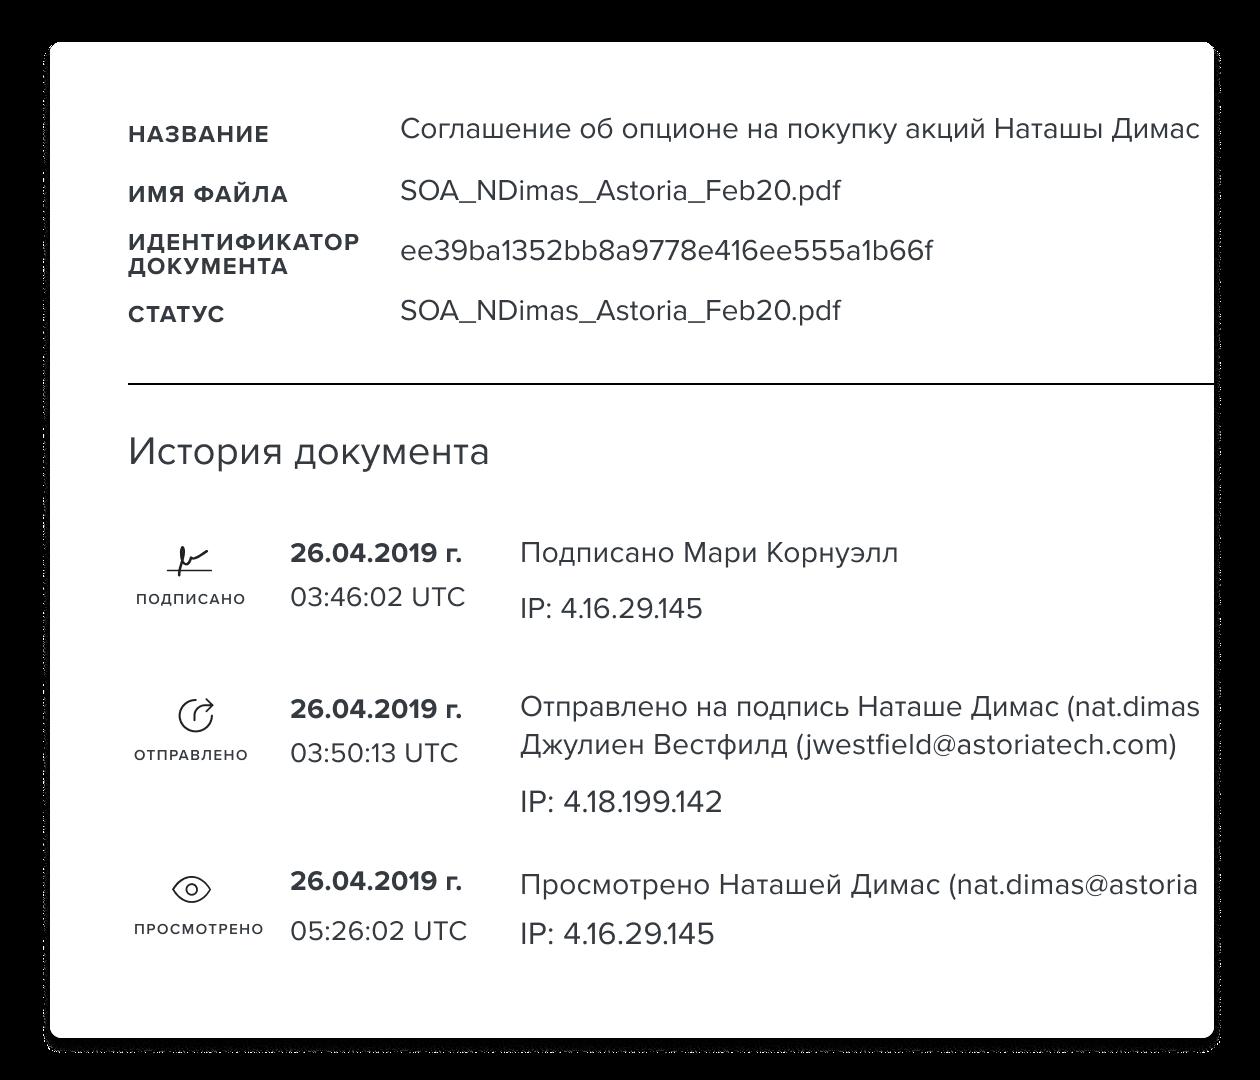 Скриншот истории документов в HelloSign